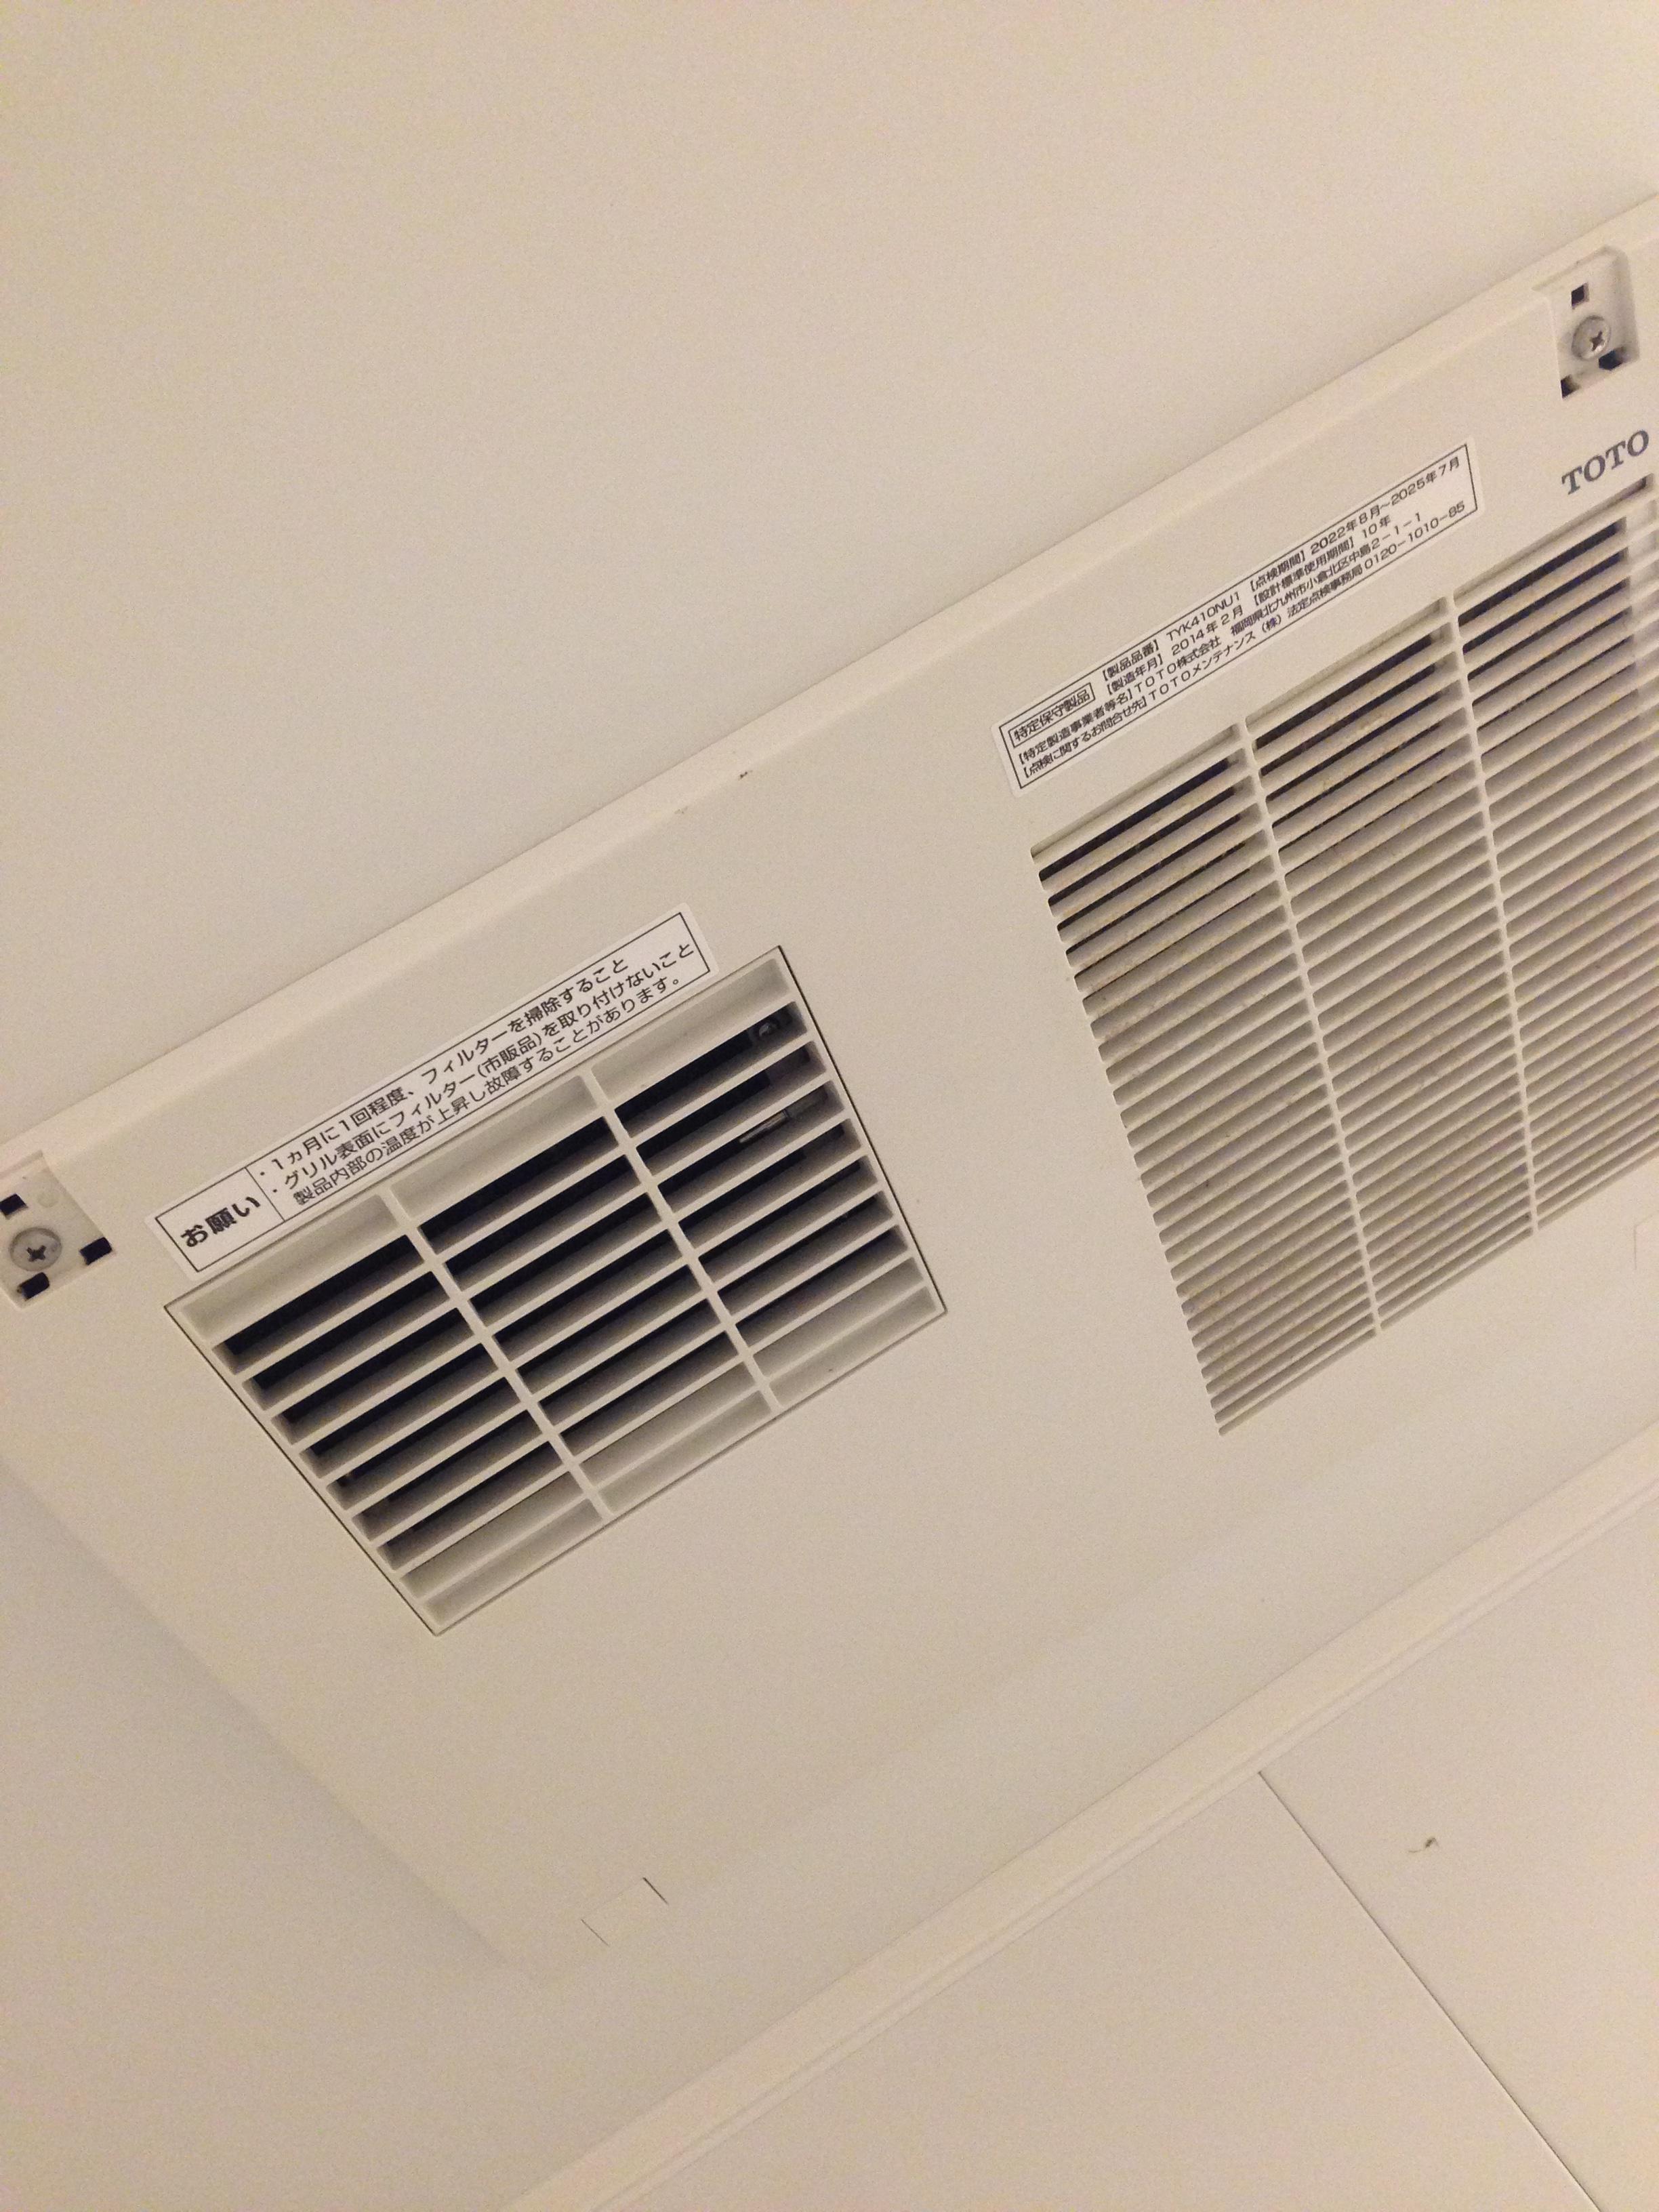 2年間放置していたお風呂の換気扇の大掃除 BEFORE→AFTER